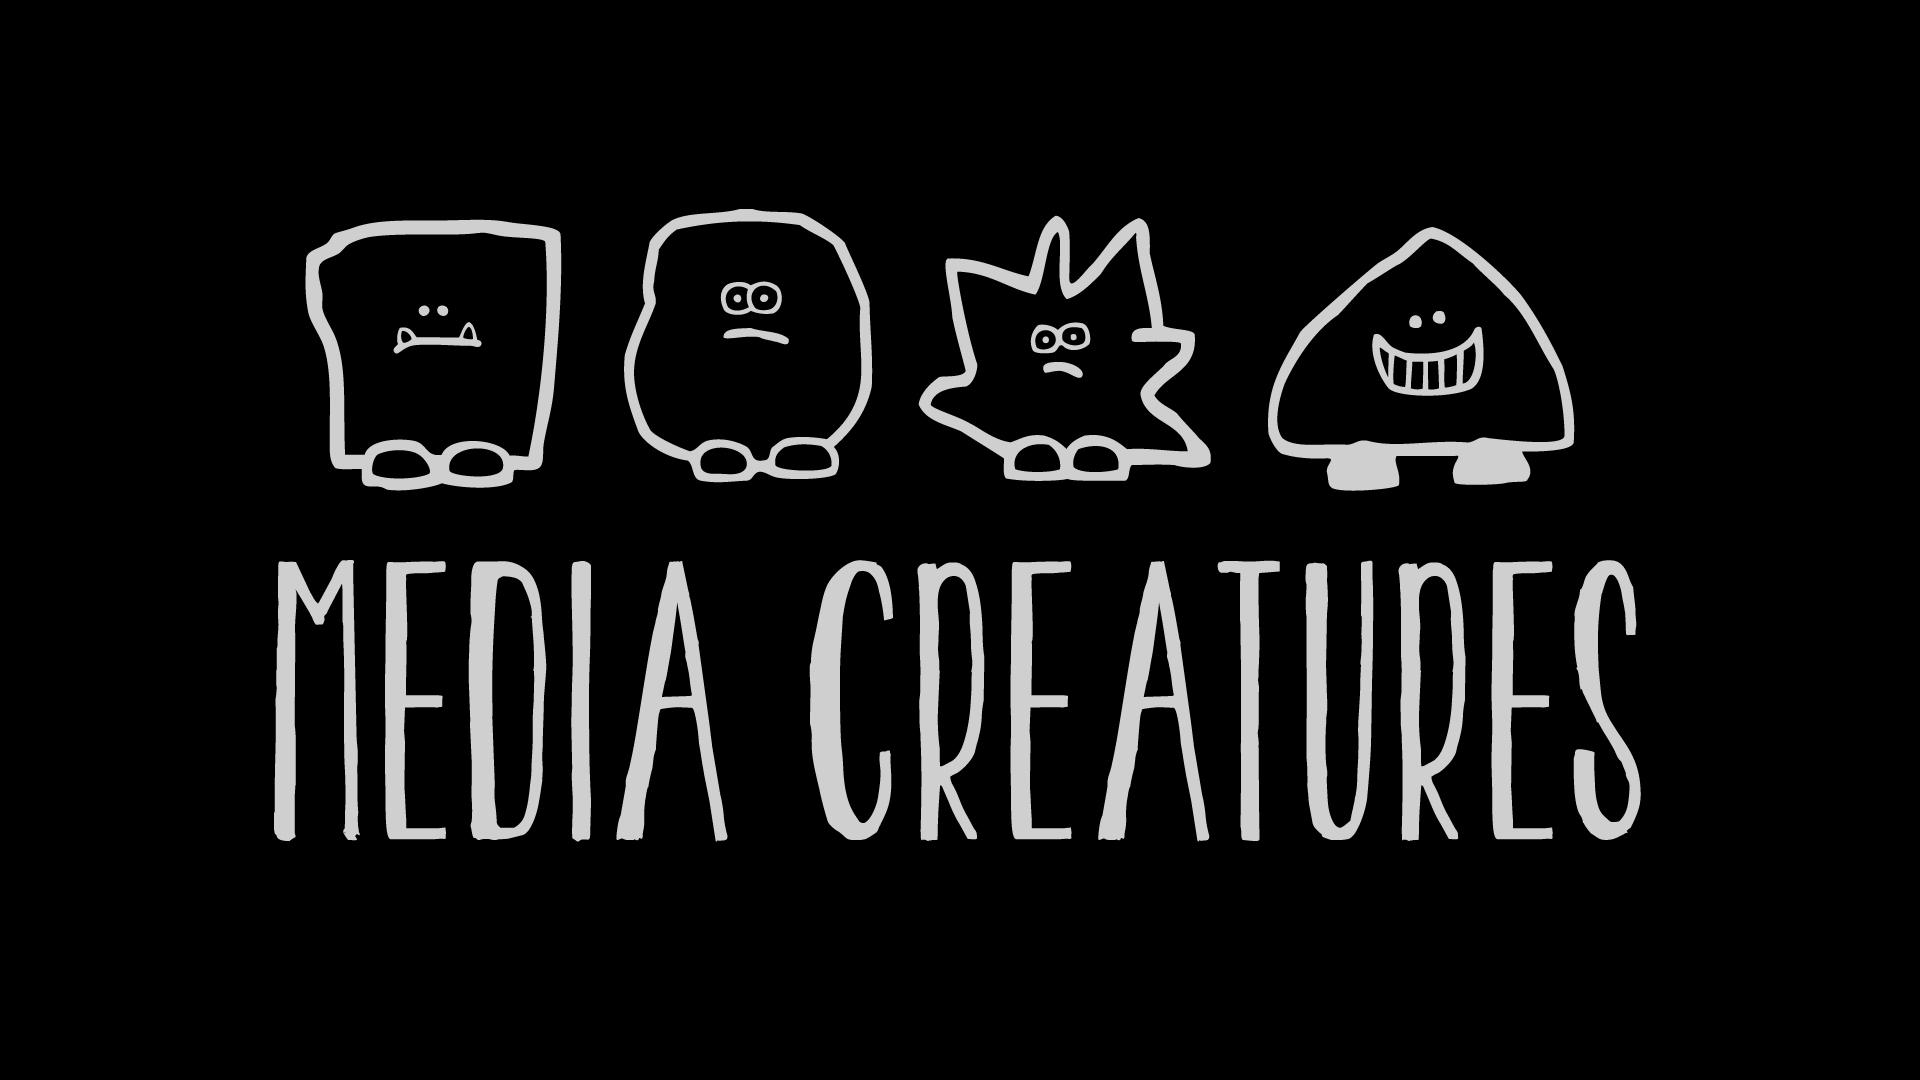 logo_mediacreatures.jpg